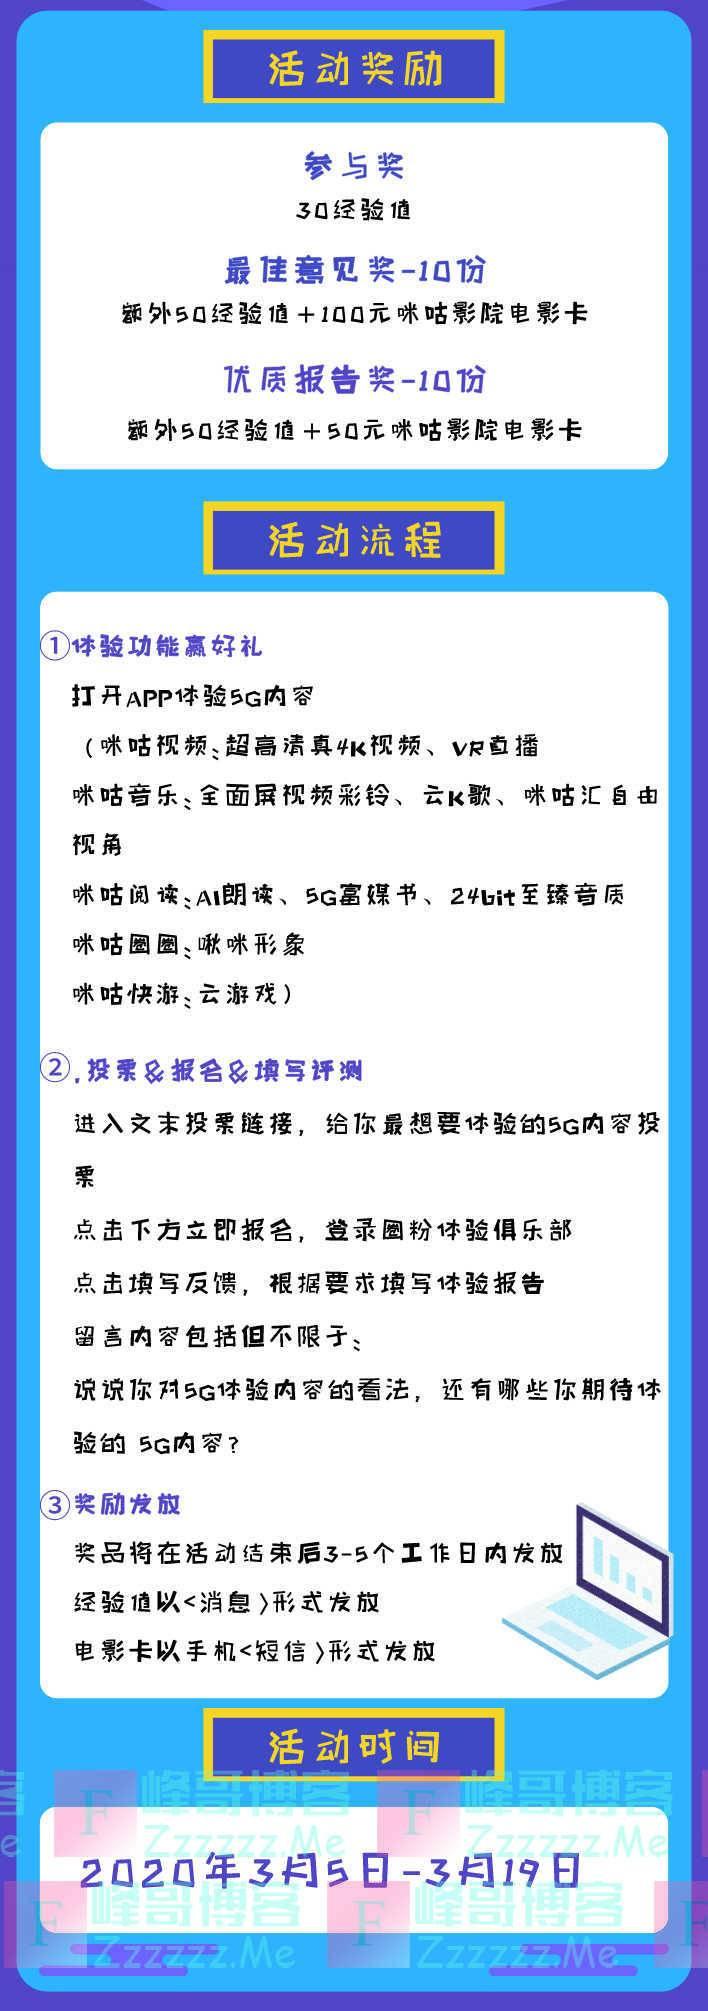 咪咕圈粉体验俱乐部畅聊5G新体验 话题有奖征集(截止3月19日)